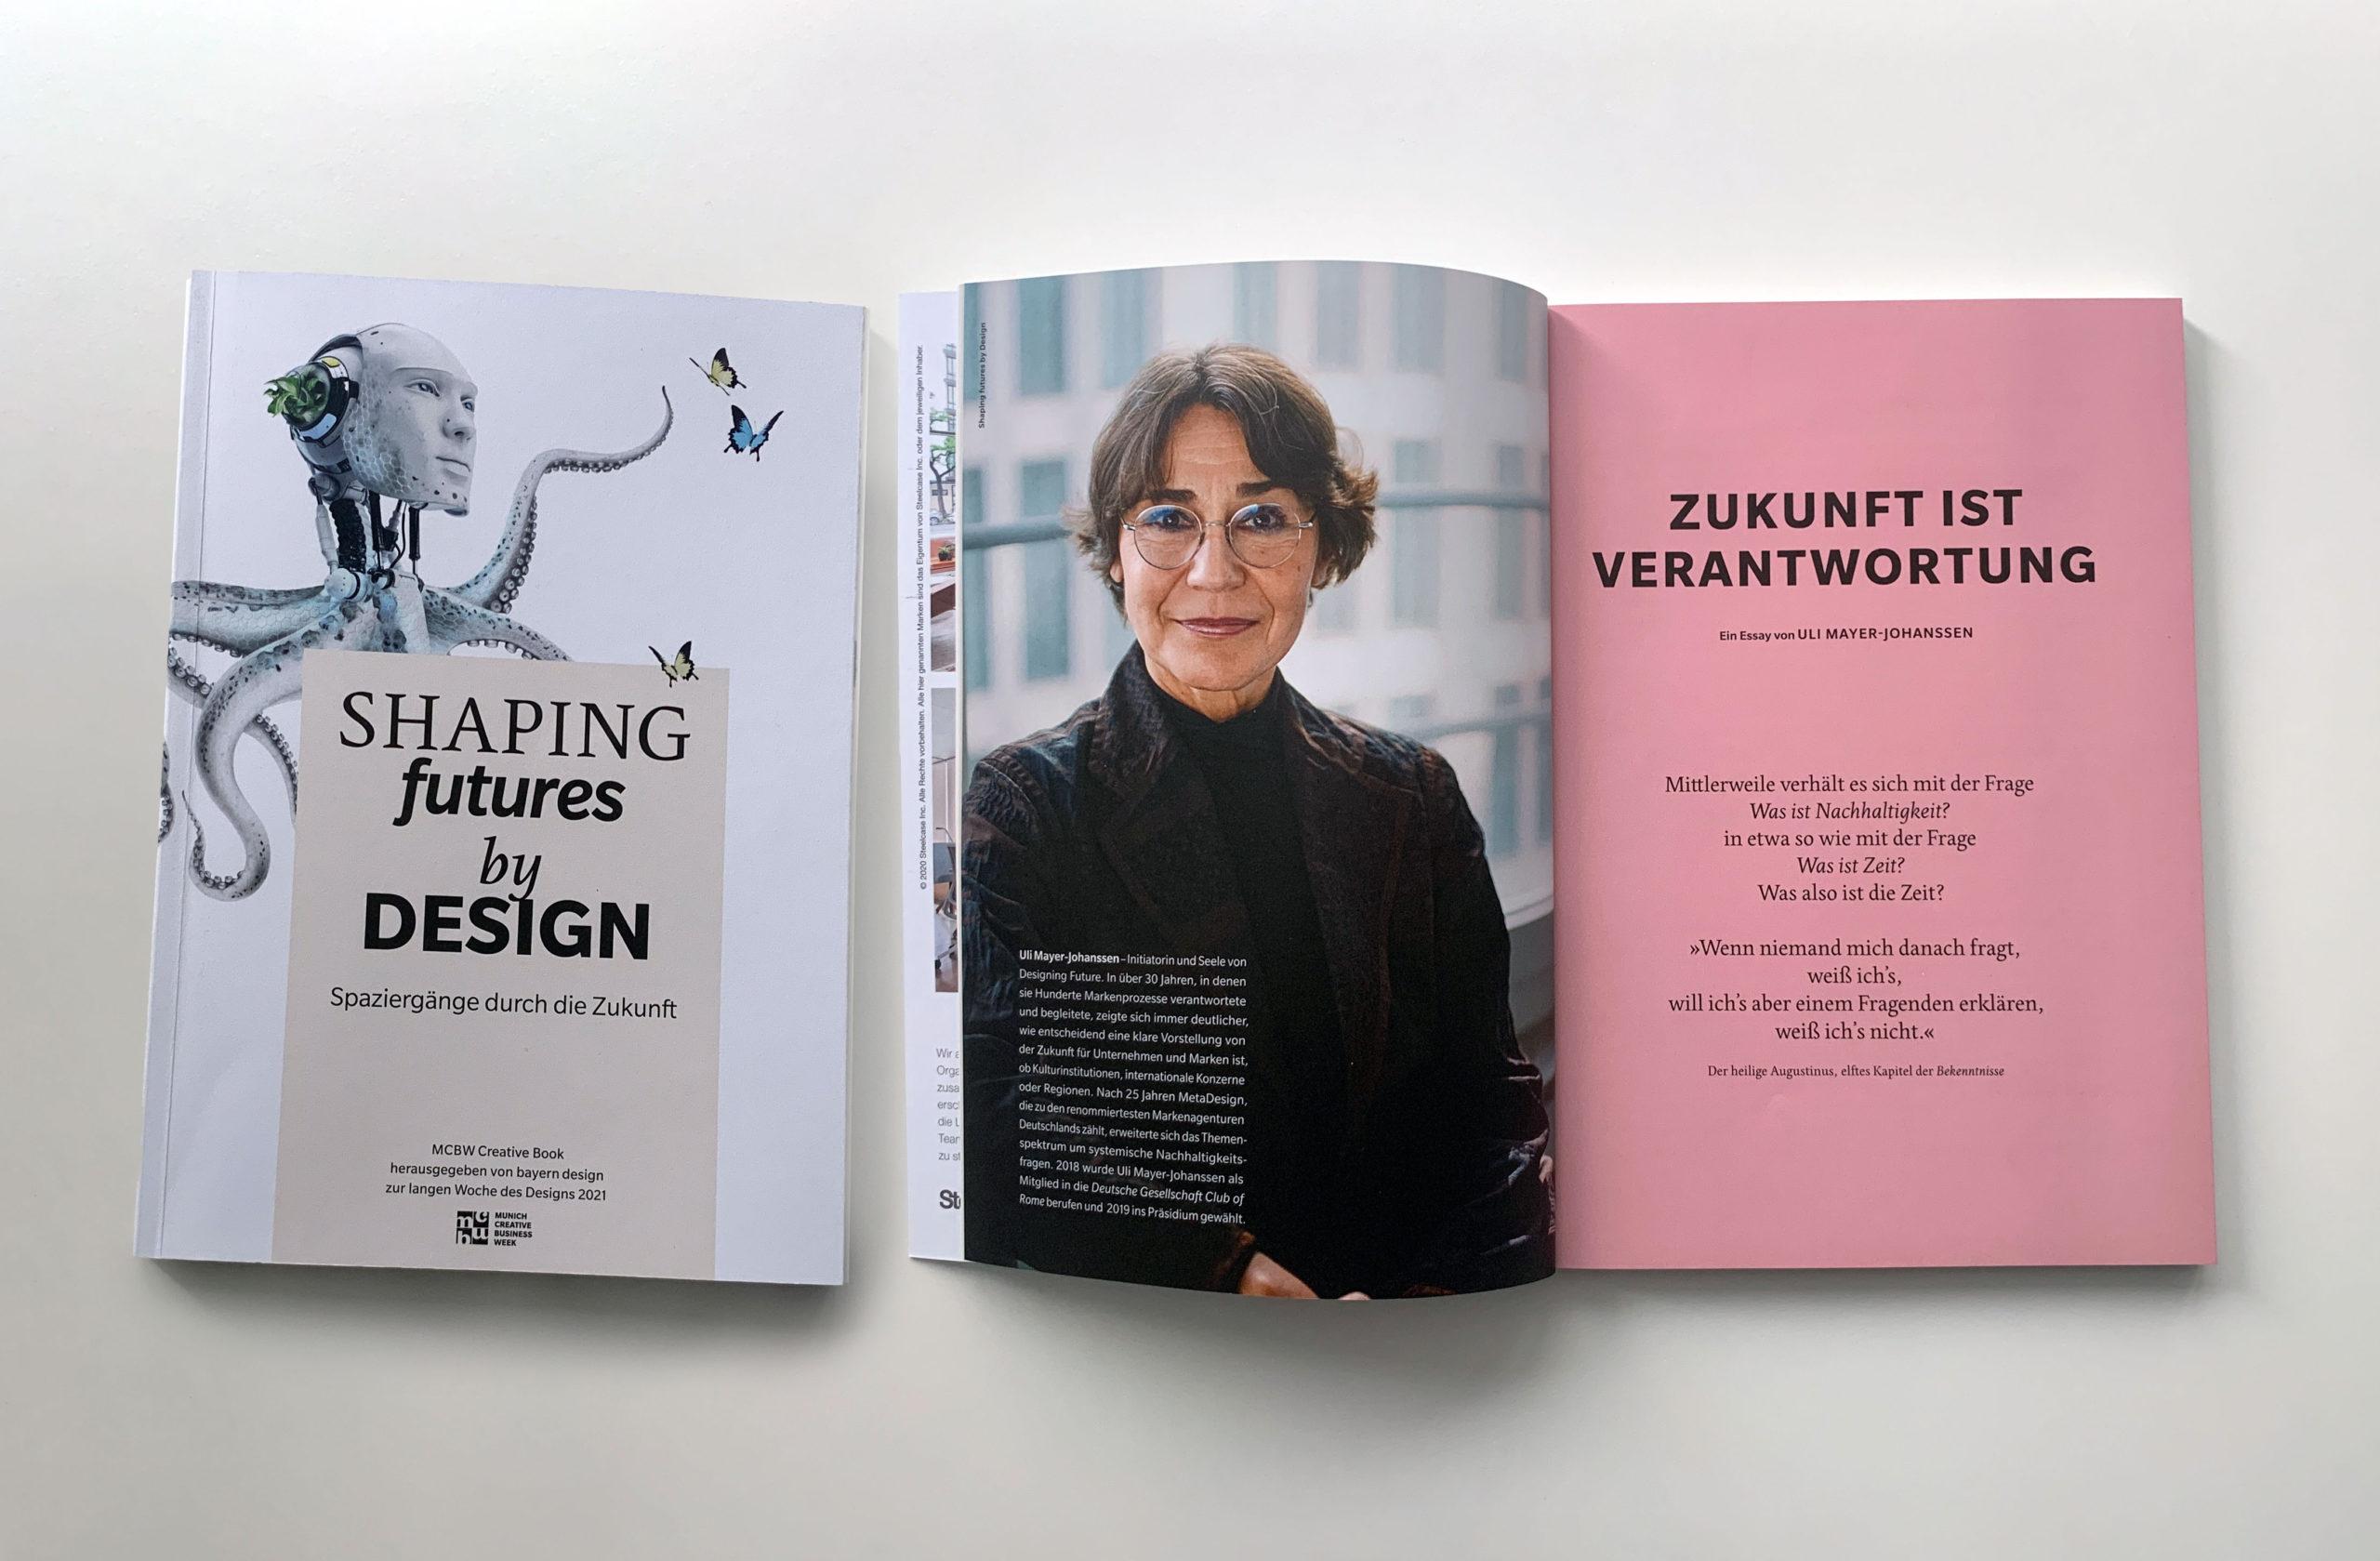 Essay für Shaping futures by Design